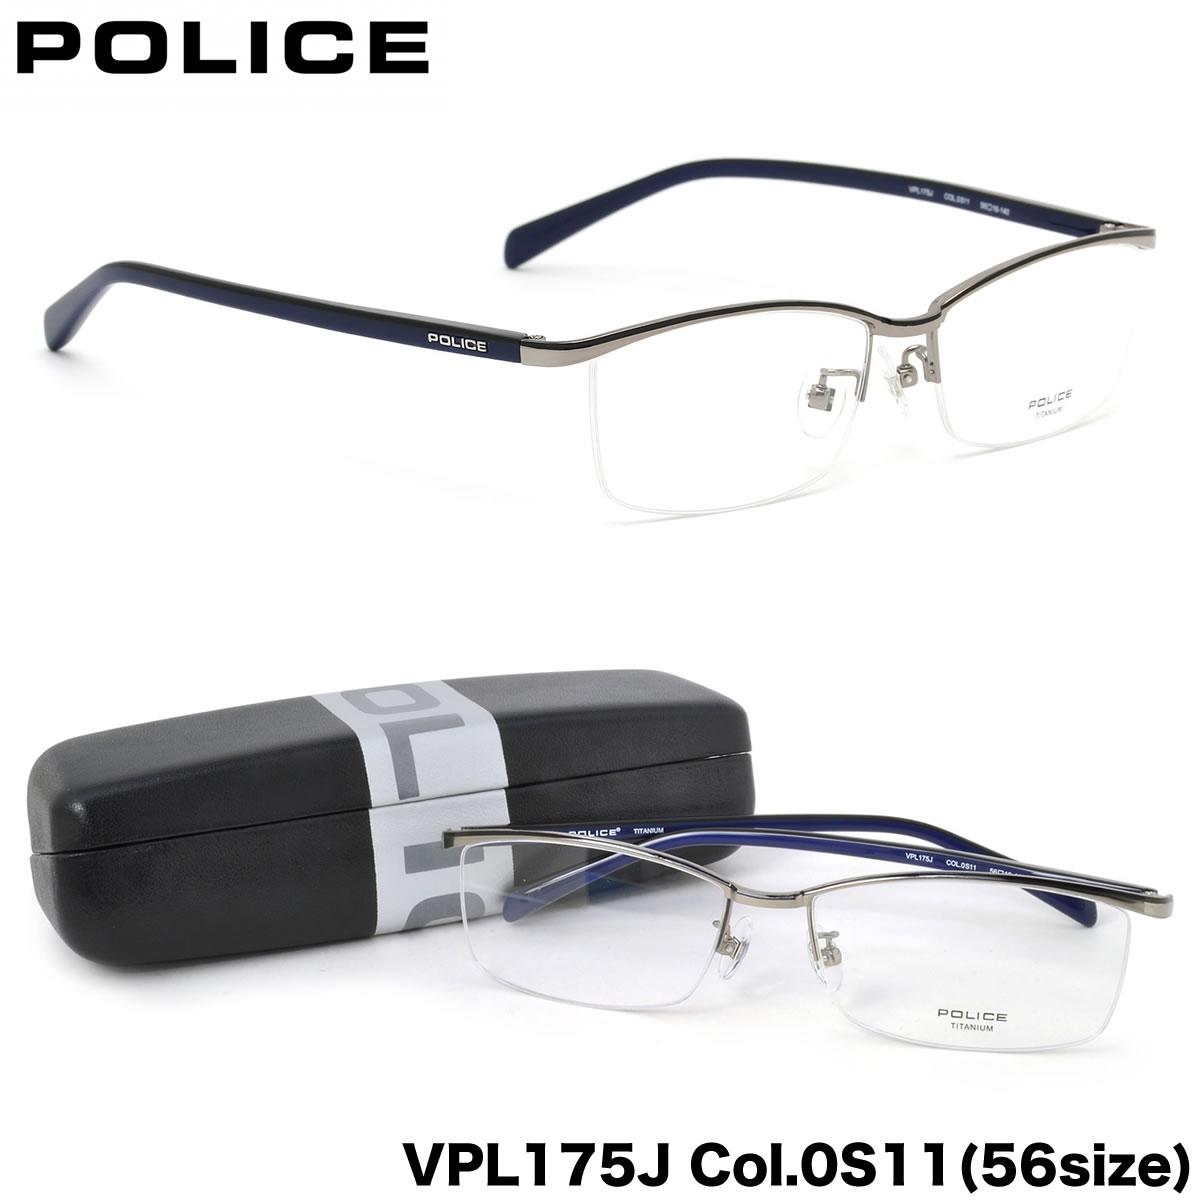 【10月30日からエントリーで全品ポイント20倍】【POLICE】ポリス メガネ フレーム VPL175J 0S11 56サイズ スクエア ナイロール チタン コンビネーションポリス POLICE メンズ レディース